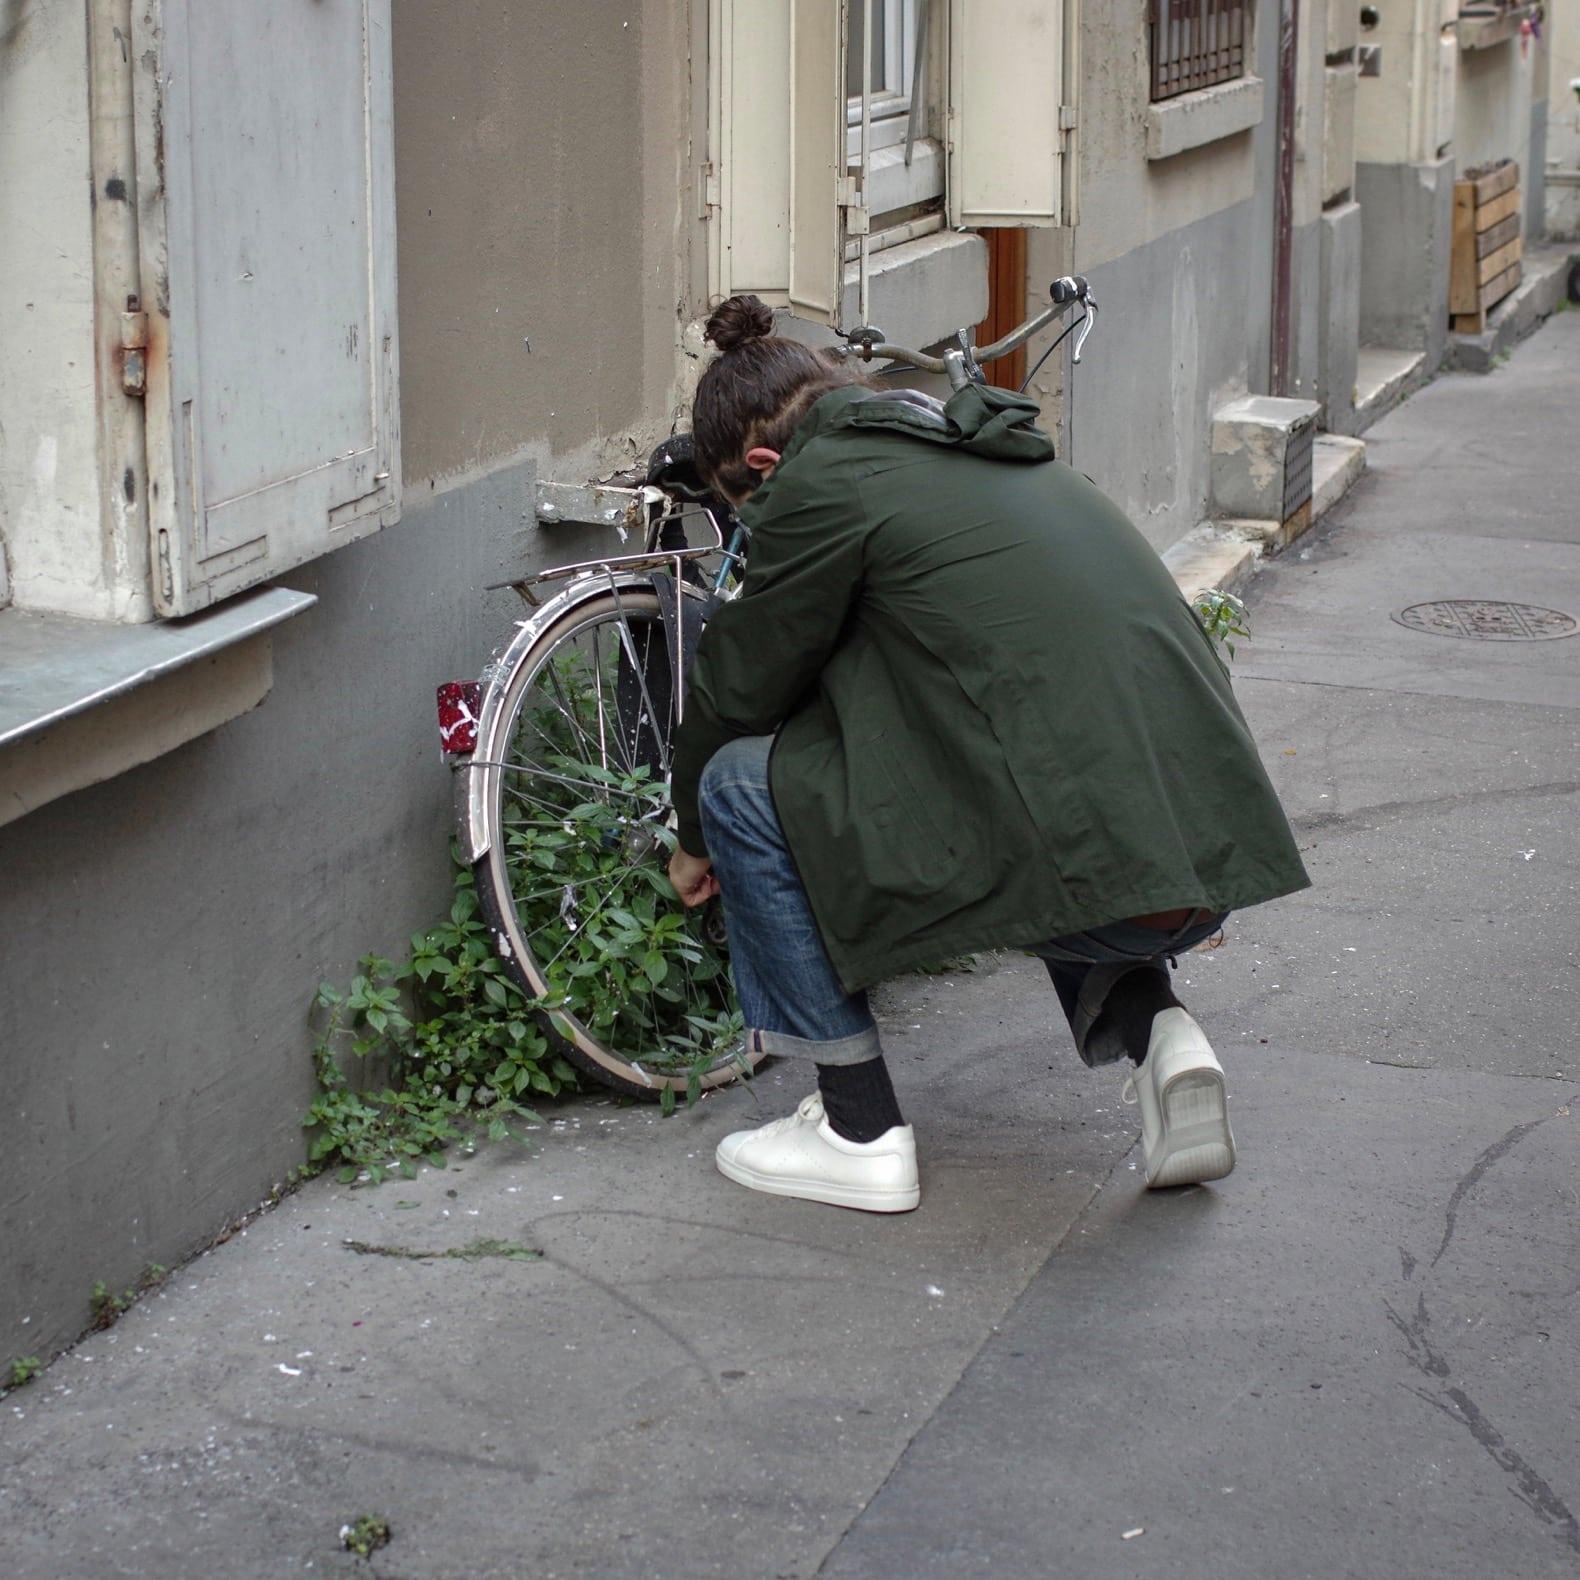 faire du vélo, c'est dur